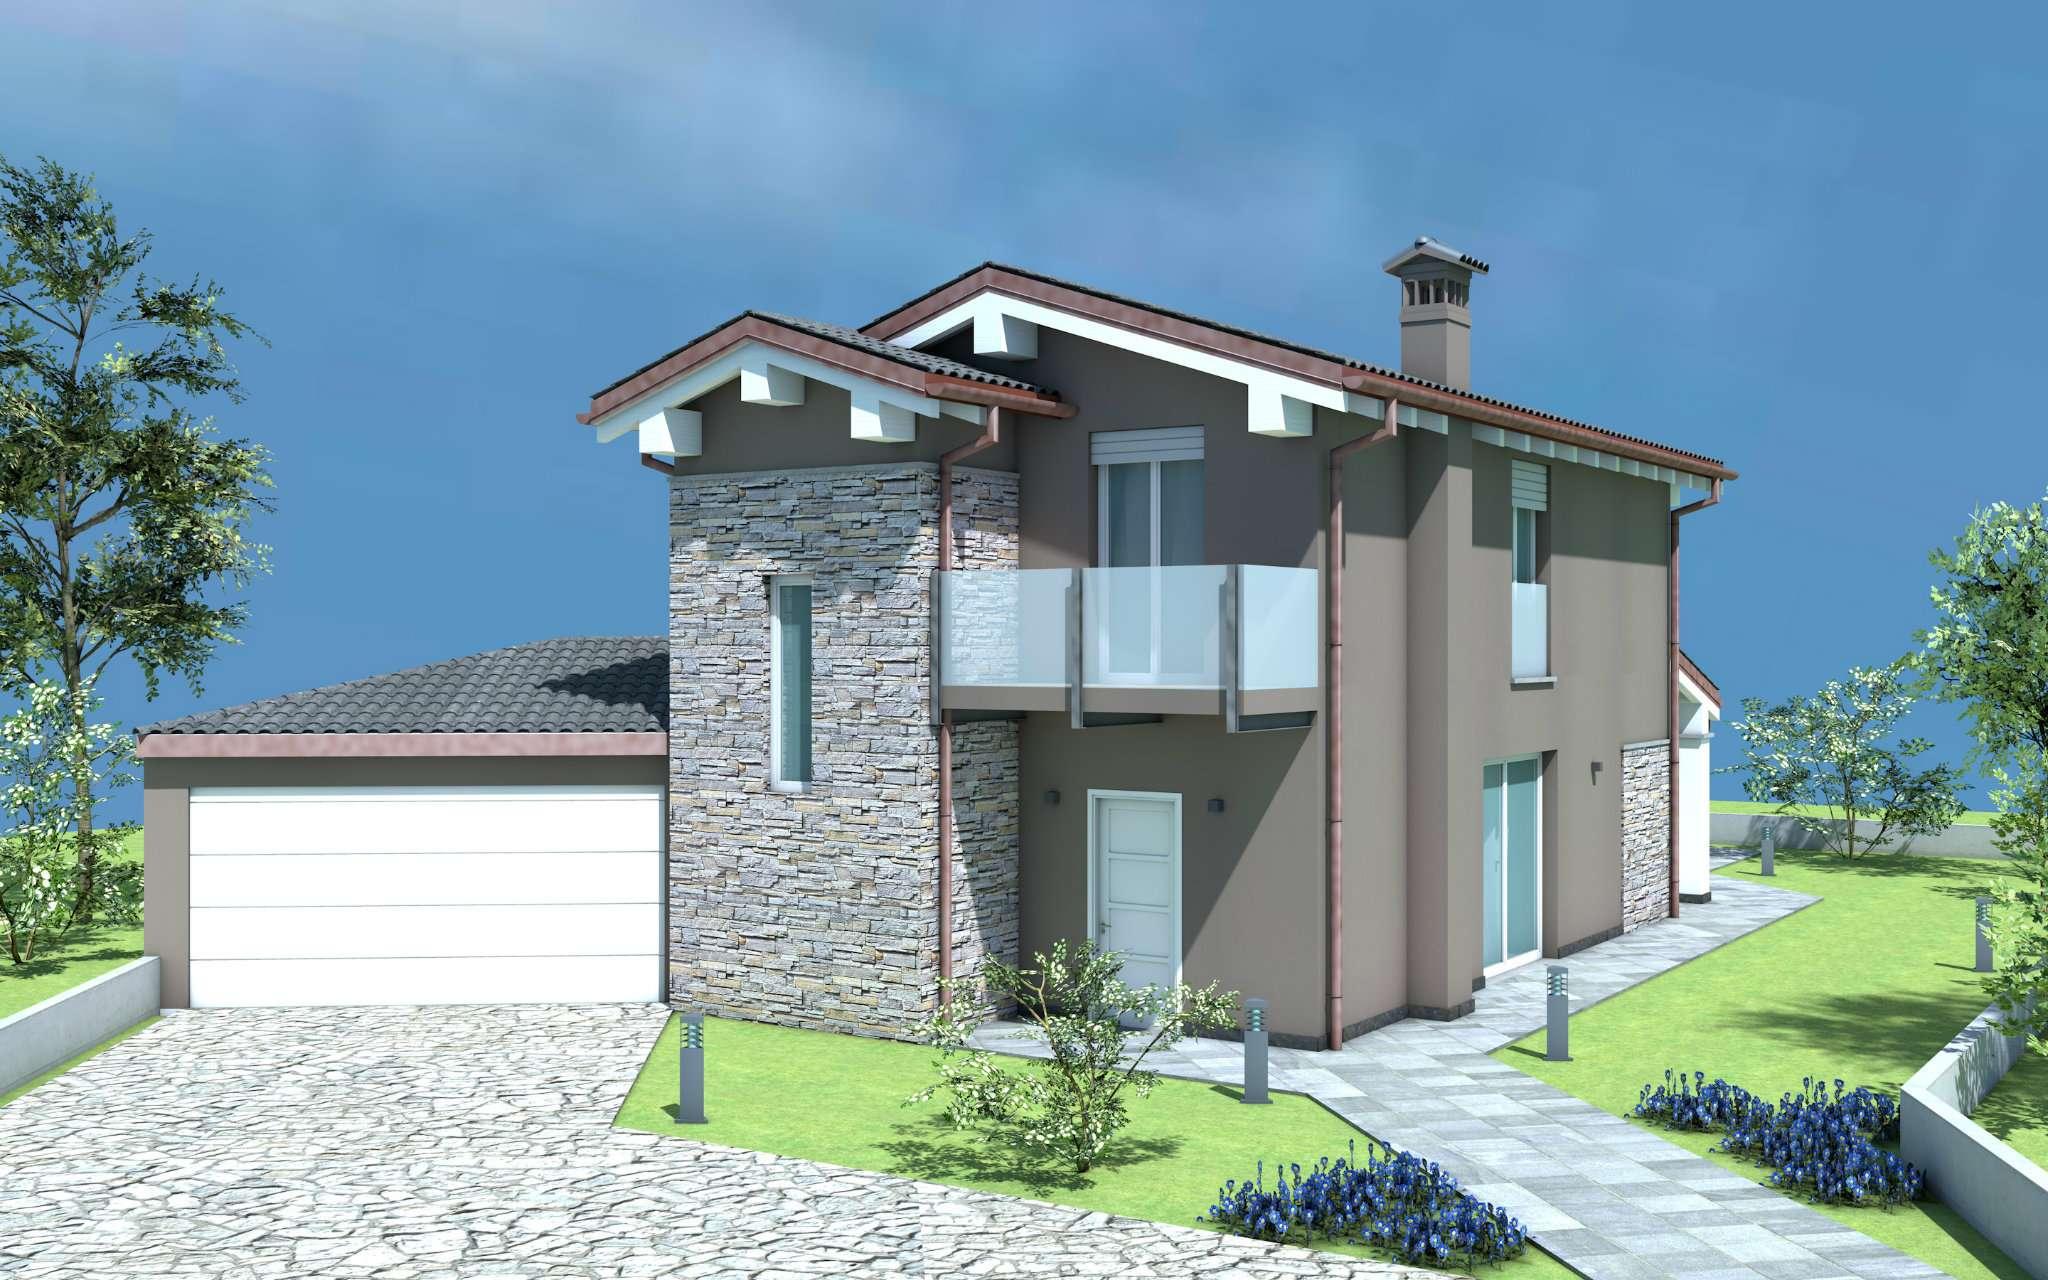 Villa in vendita a Misano di Gera d'Adda, 4 locali, prezzo € 330.000 | Cambio Casa.it